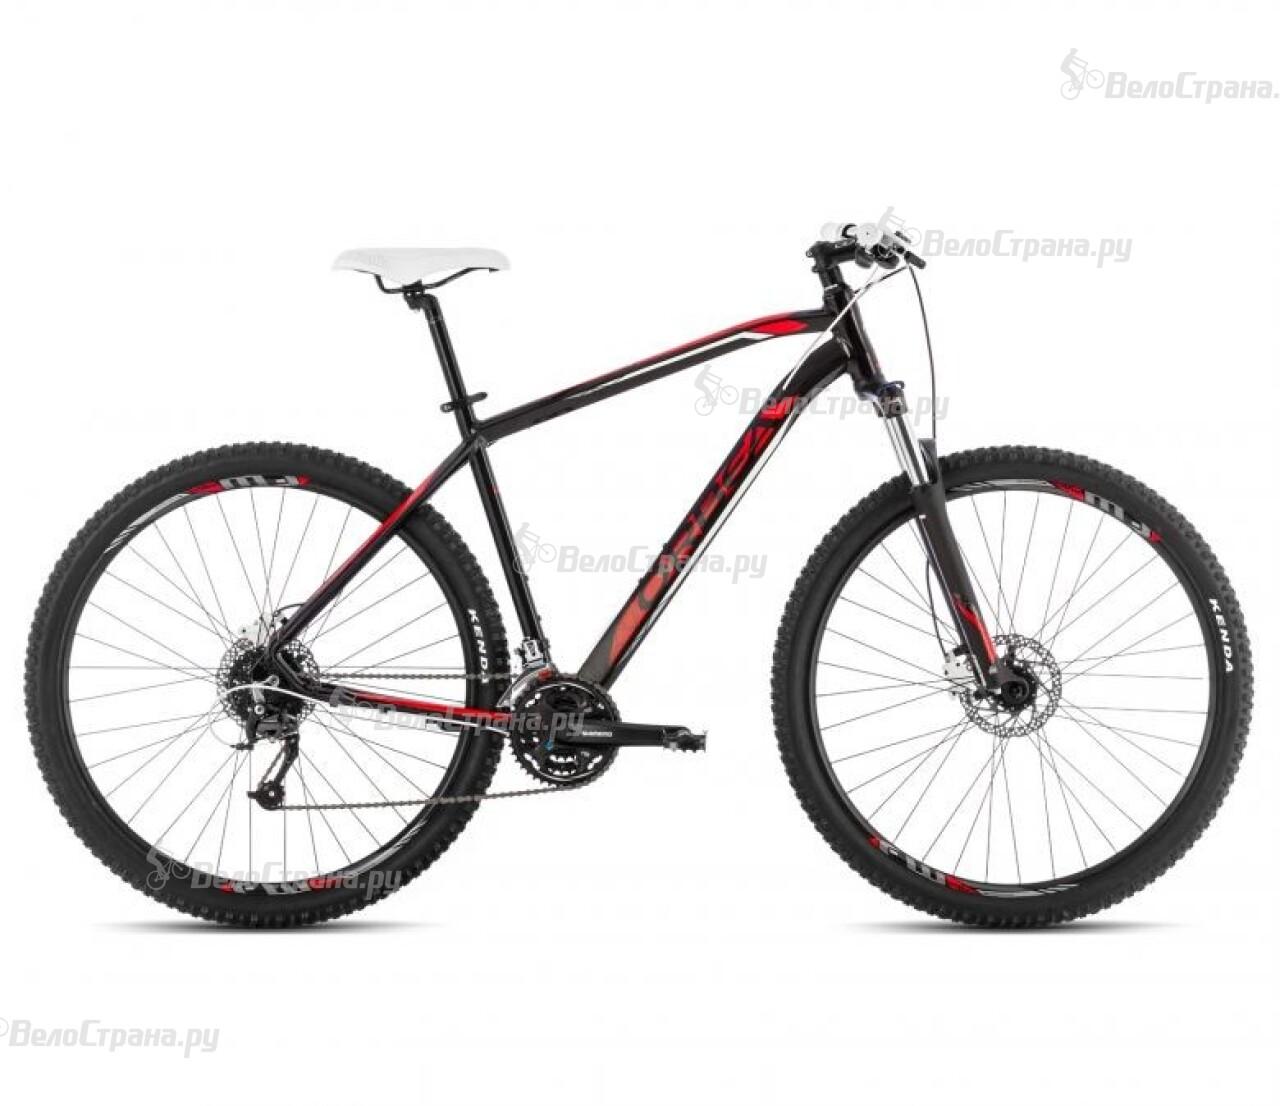 Велосипед Orbea Mx 29 30 Dama (2014) howard miller напольные часы howard miller 610 874 коллекция